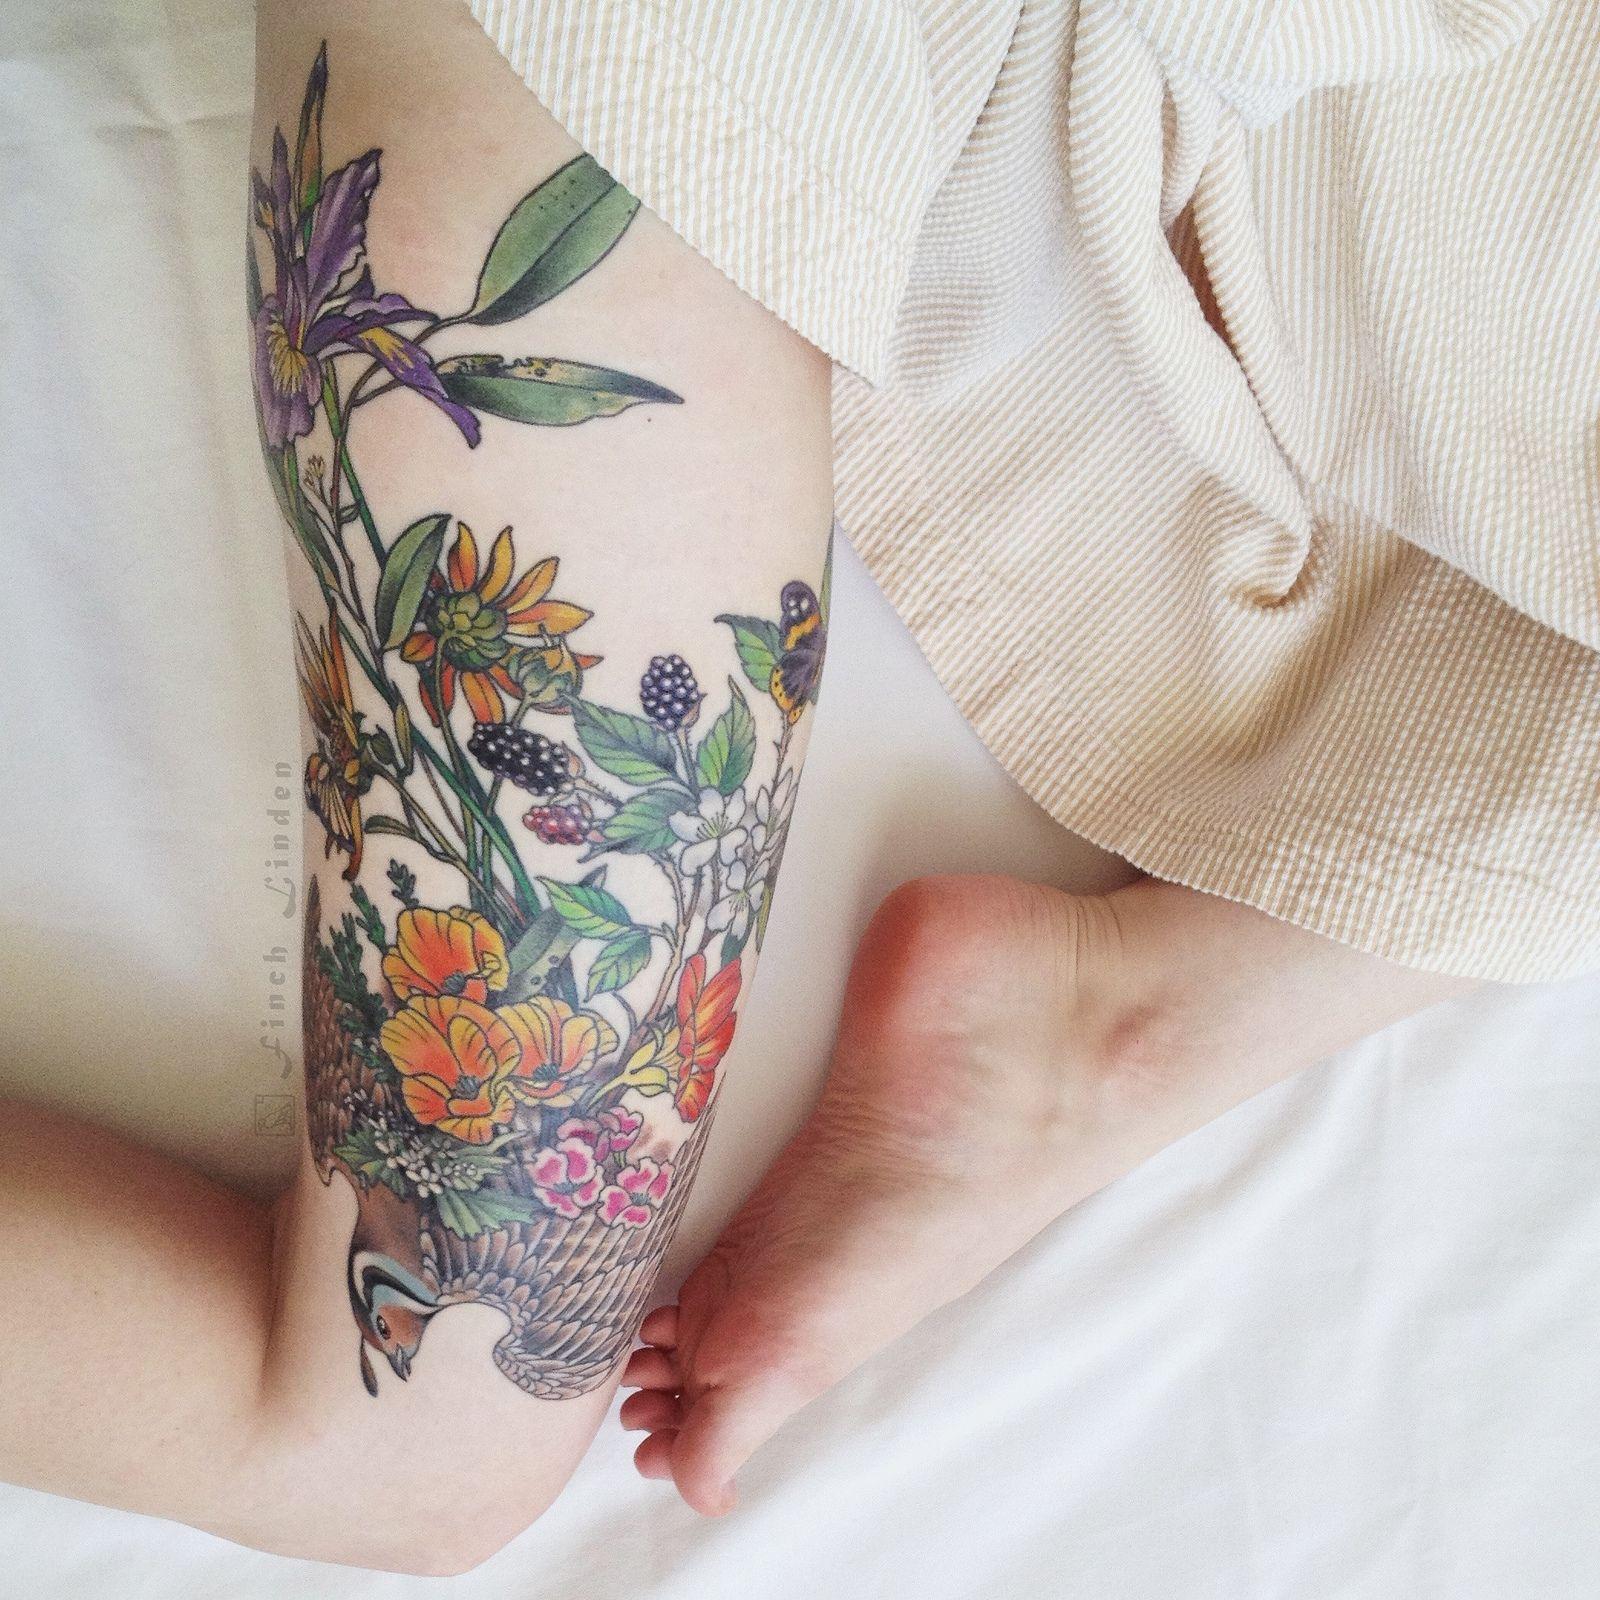 ideas de tatuajes old school para hombres y mujeres, tatuaje con flores en colores intensos en la cadera